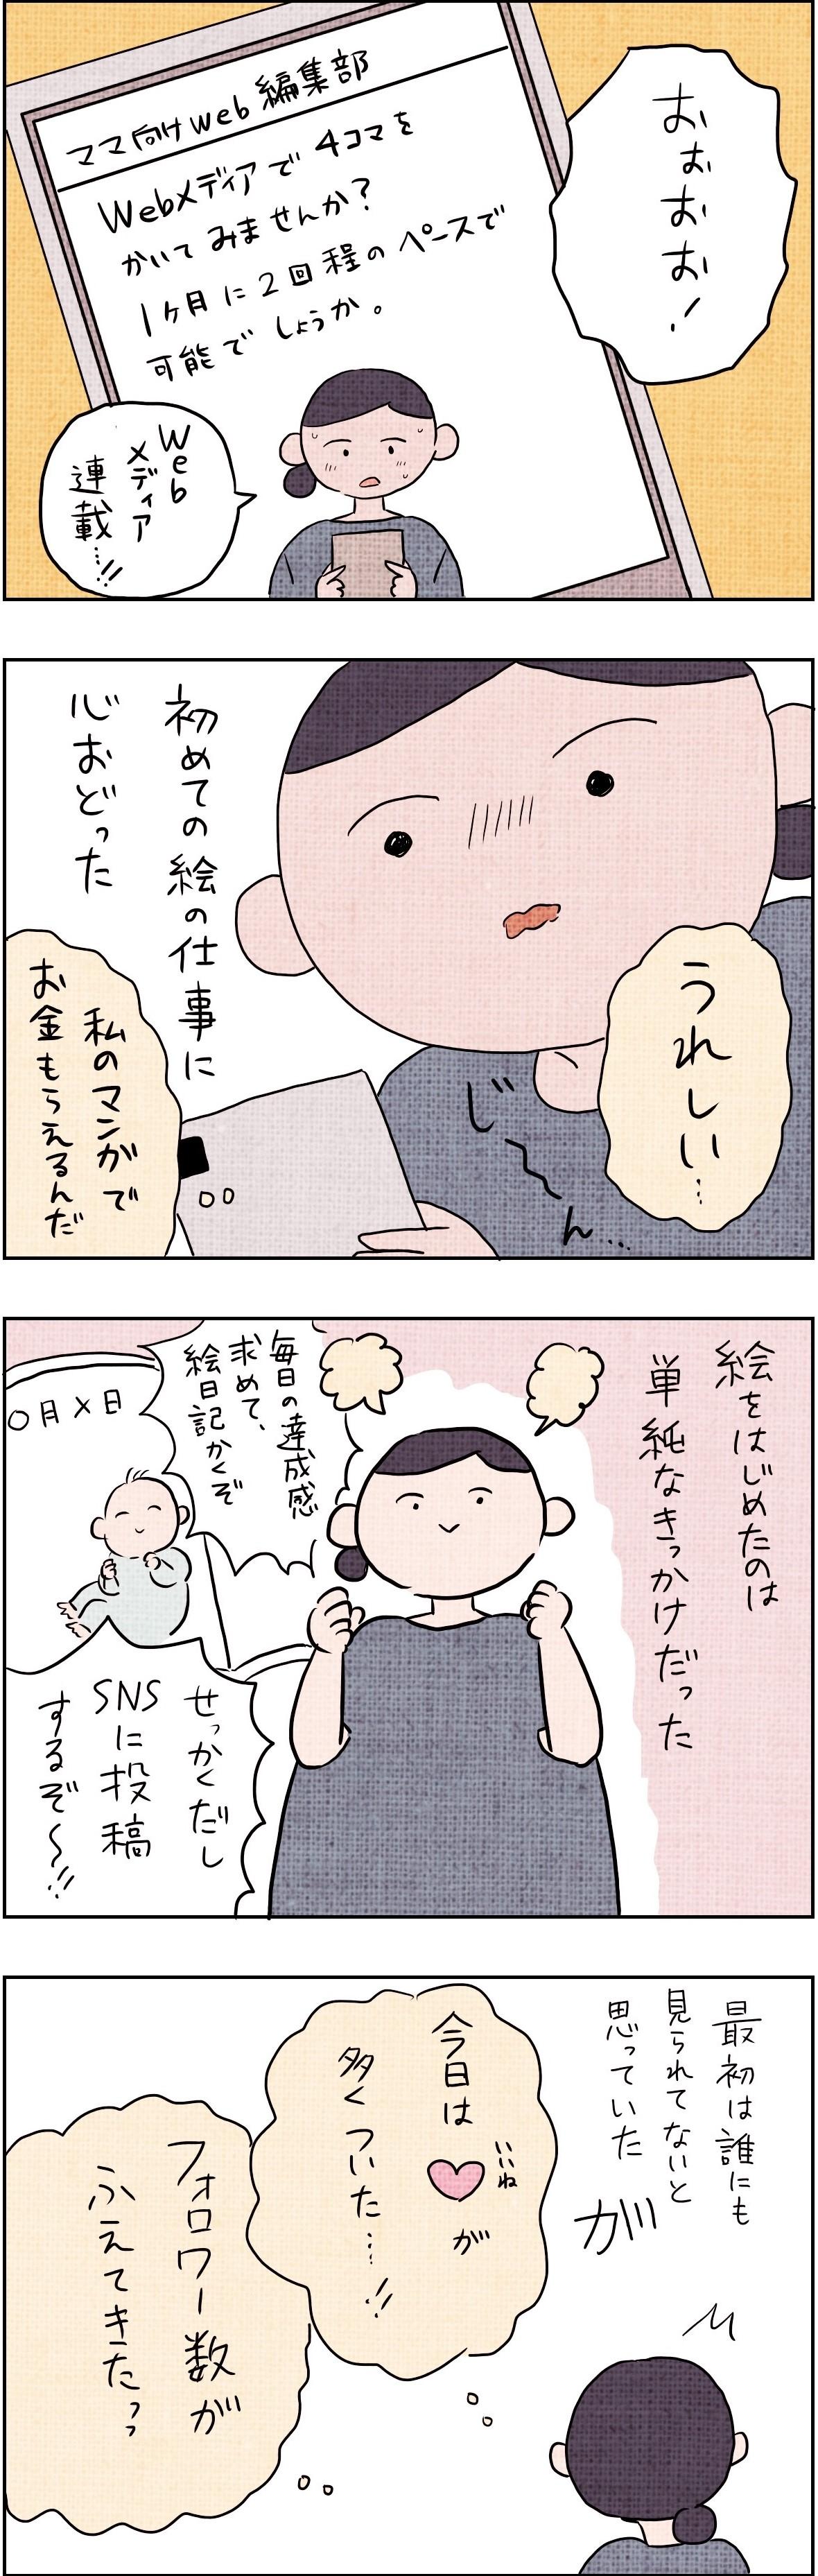 【連載】ママでも夢見ていいですか?~4児の母の挑戦記録~第9話1